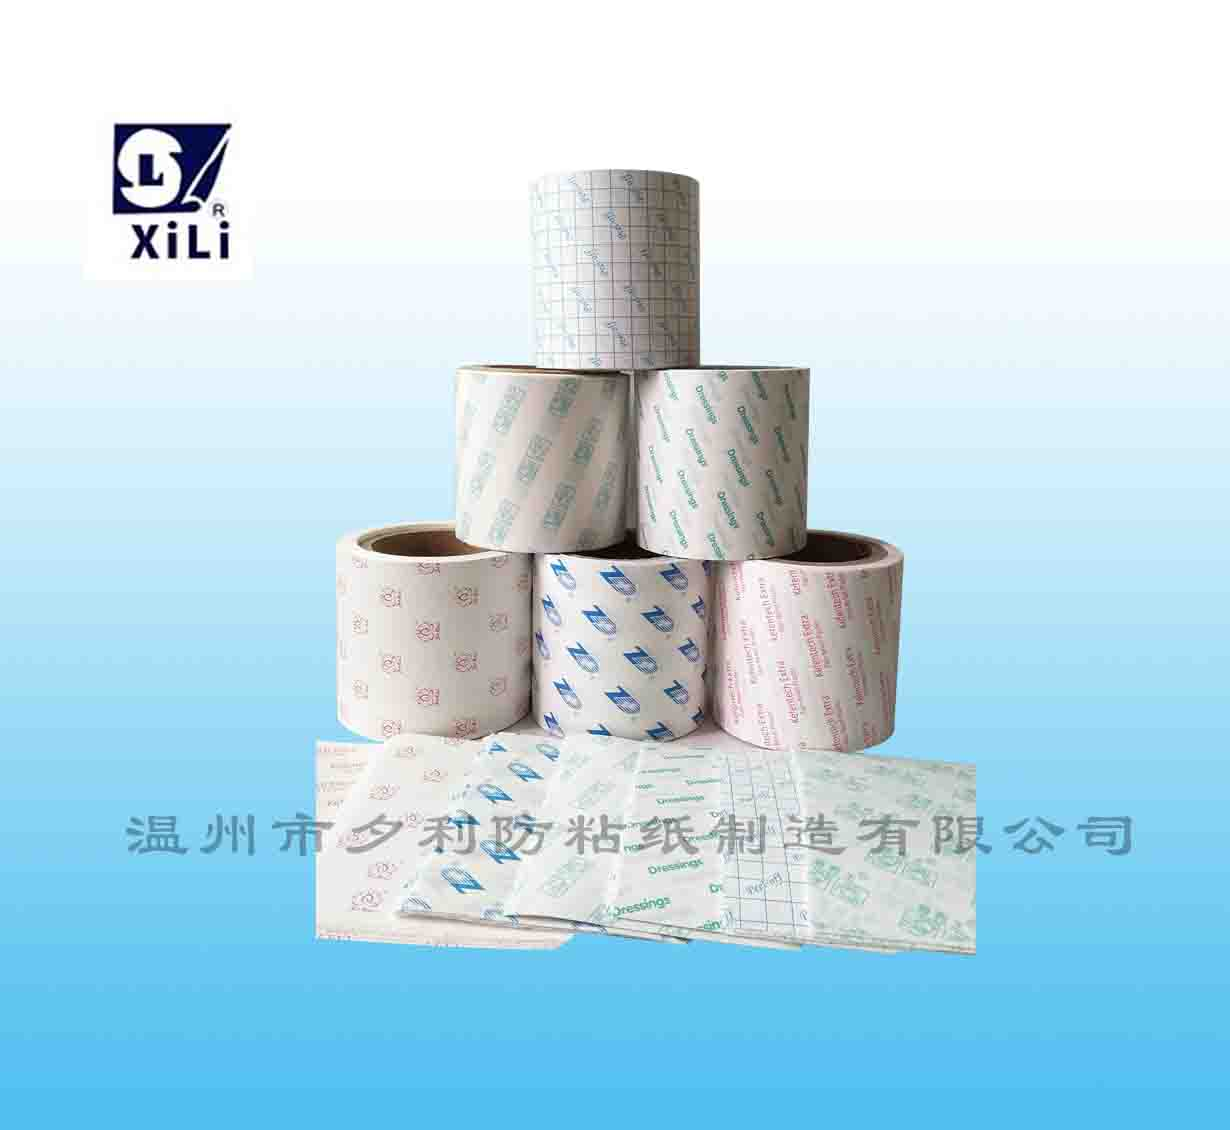 温州夕利公司供应同行中有品质的离型纸——广东离型纸